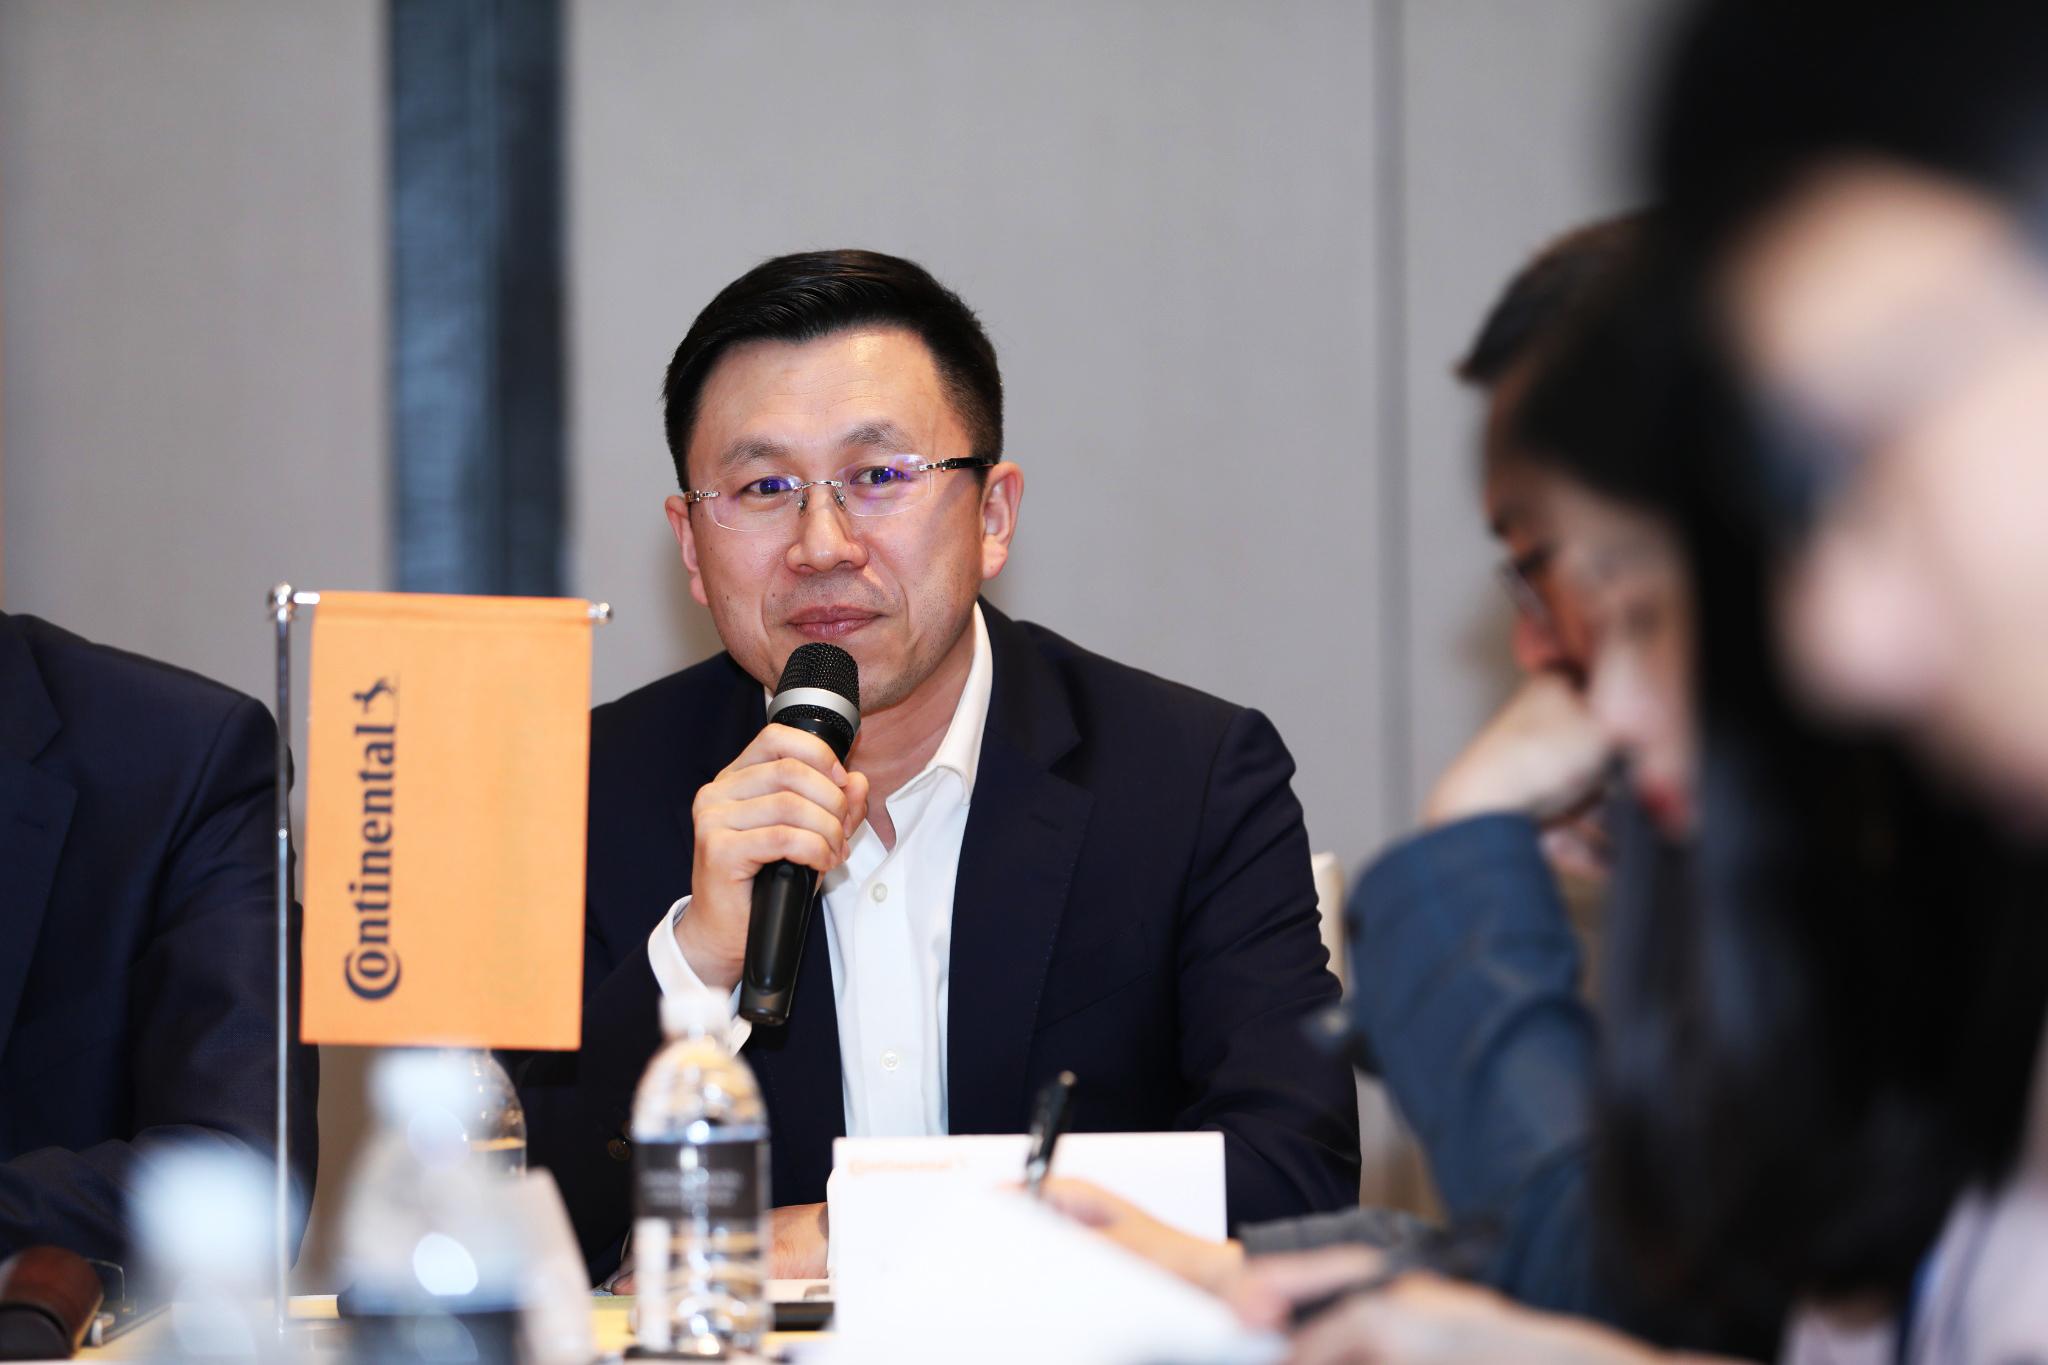 大陆集团动力总成混合动力电动车事业部亚洲区负责人曹彦飞先生